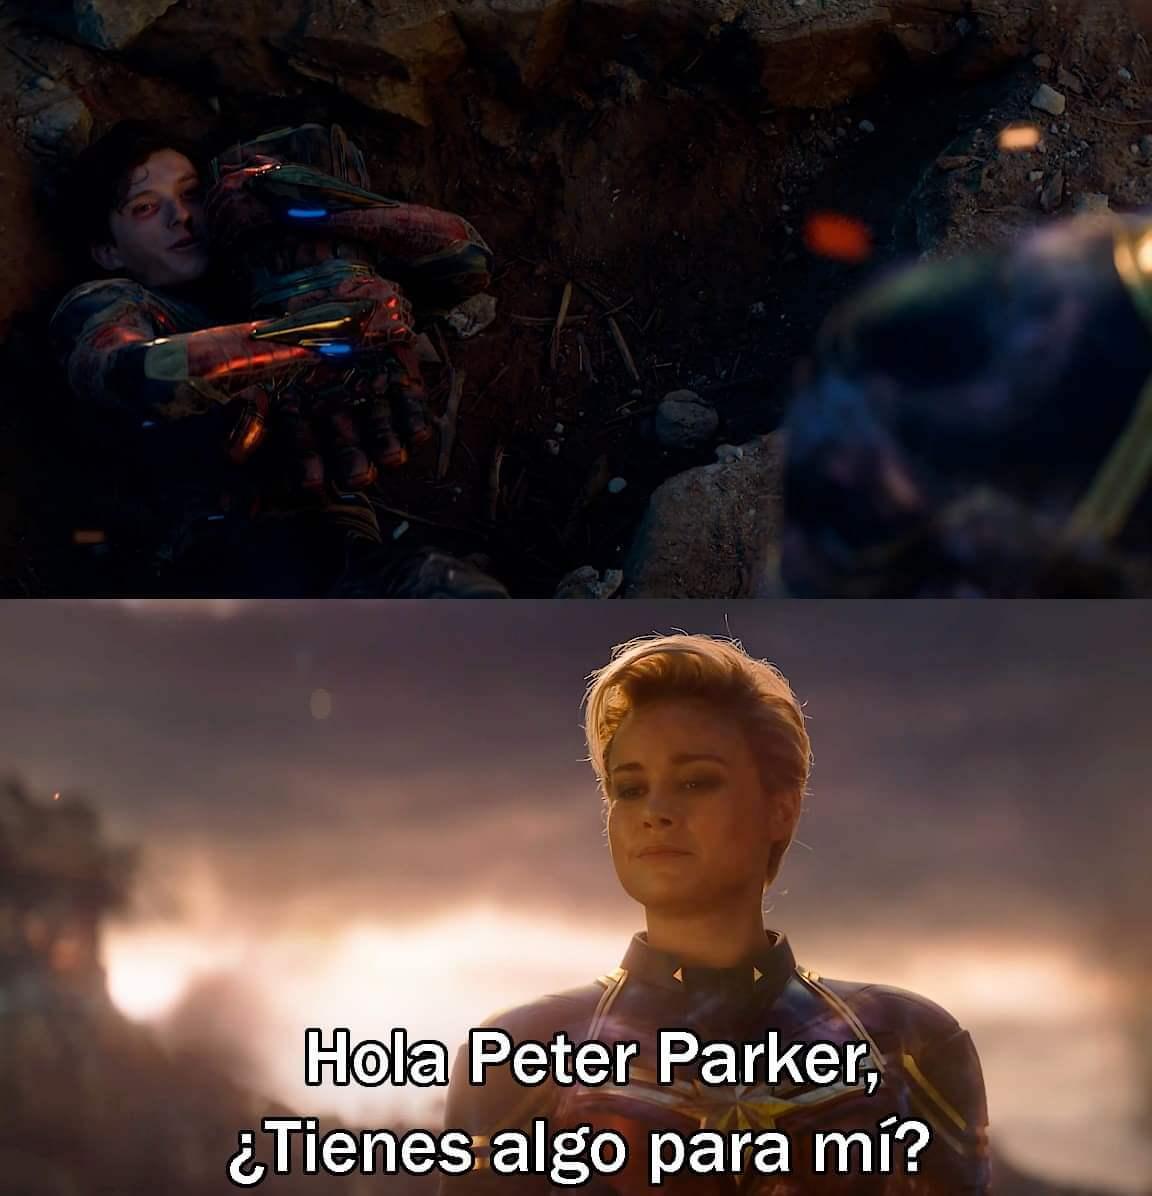 Ir a la pagina de la plantilla Hola Peter Parker, ¿Tienes algo para mí?.